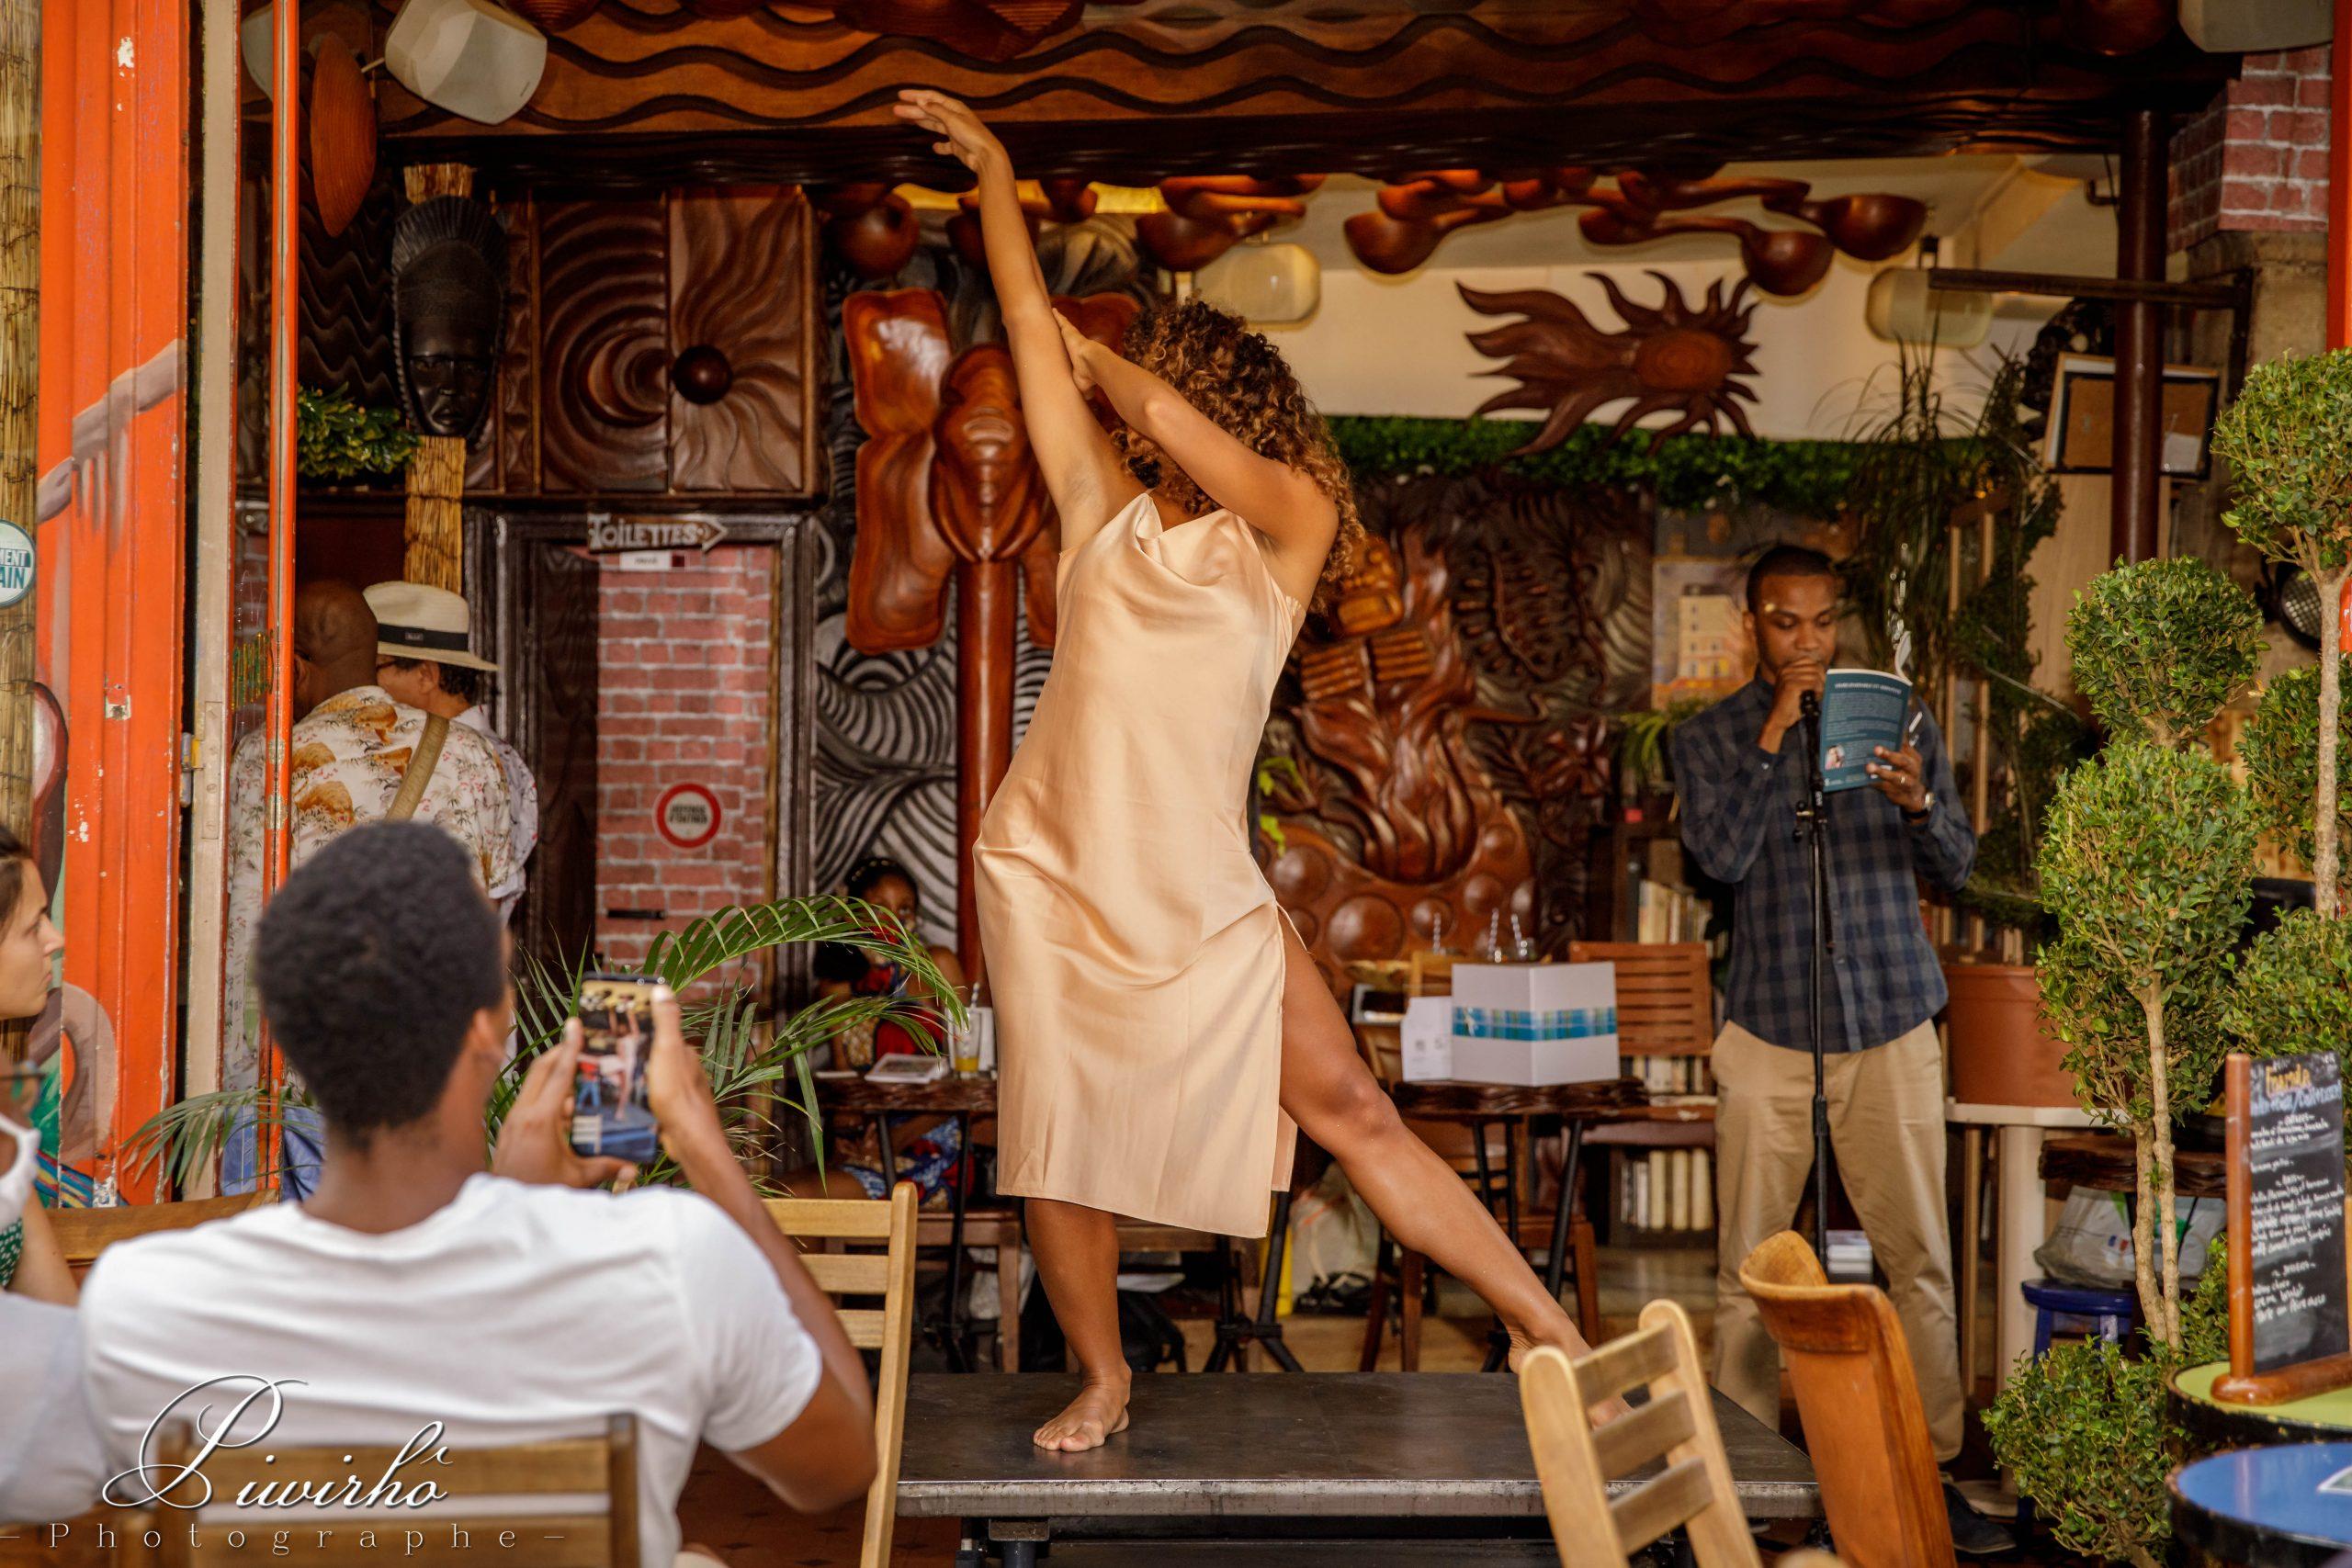 scène poésie homme bar spectacle femme danse